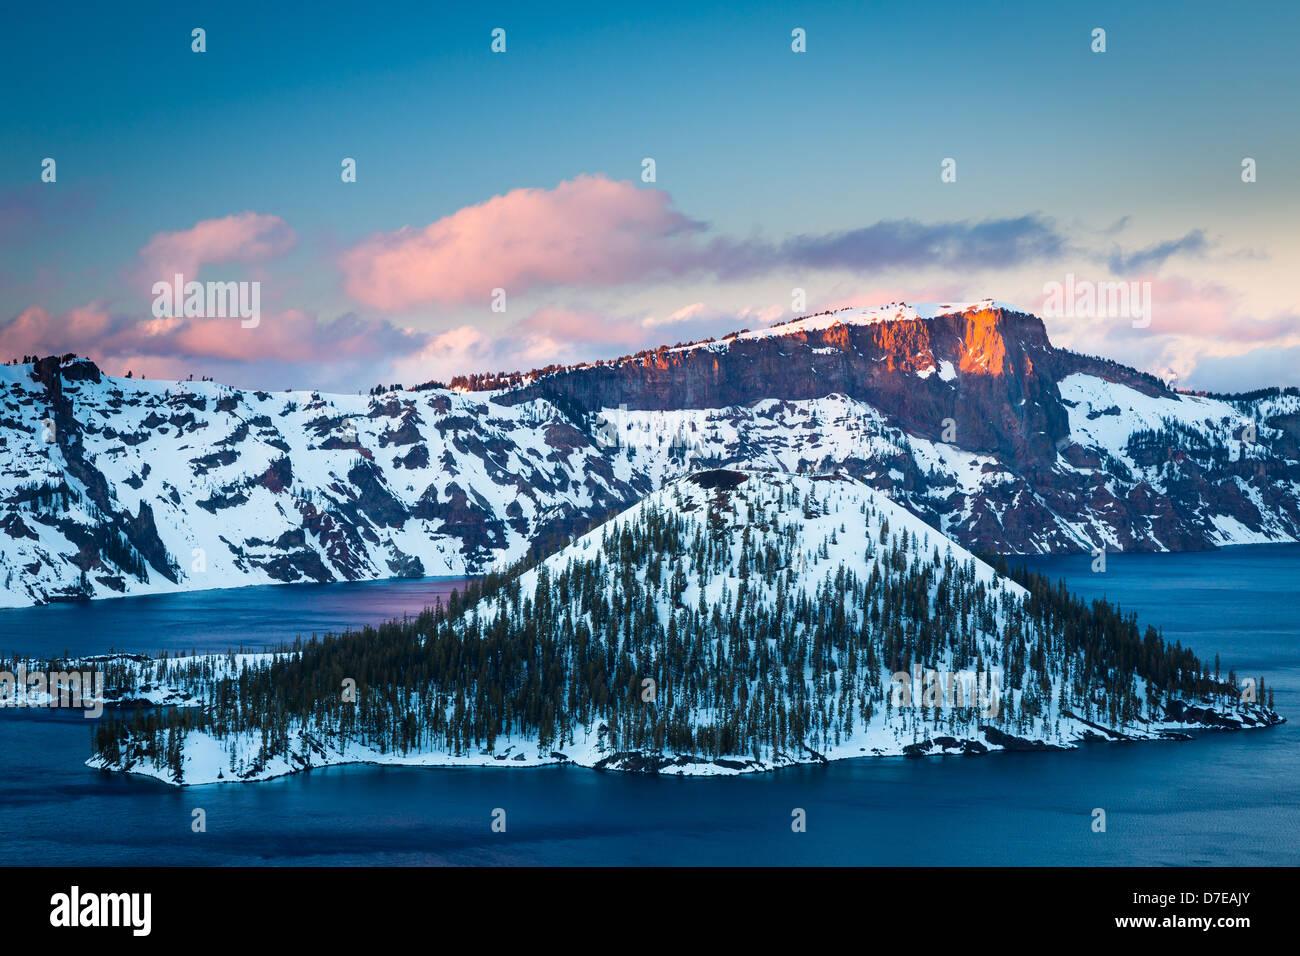 Parco nazionale di Crater Lake, situato nella zona sud di Oregon, durante il periodo invernale Foto Stock